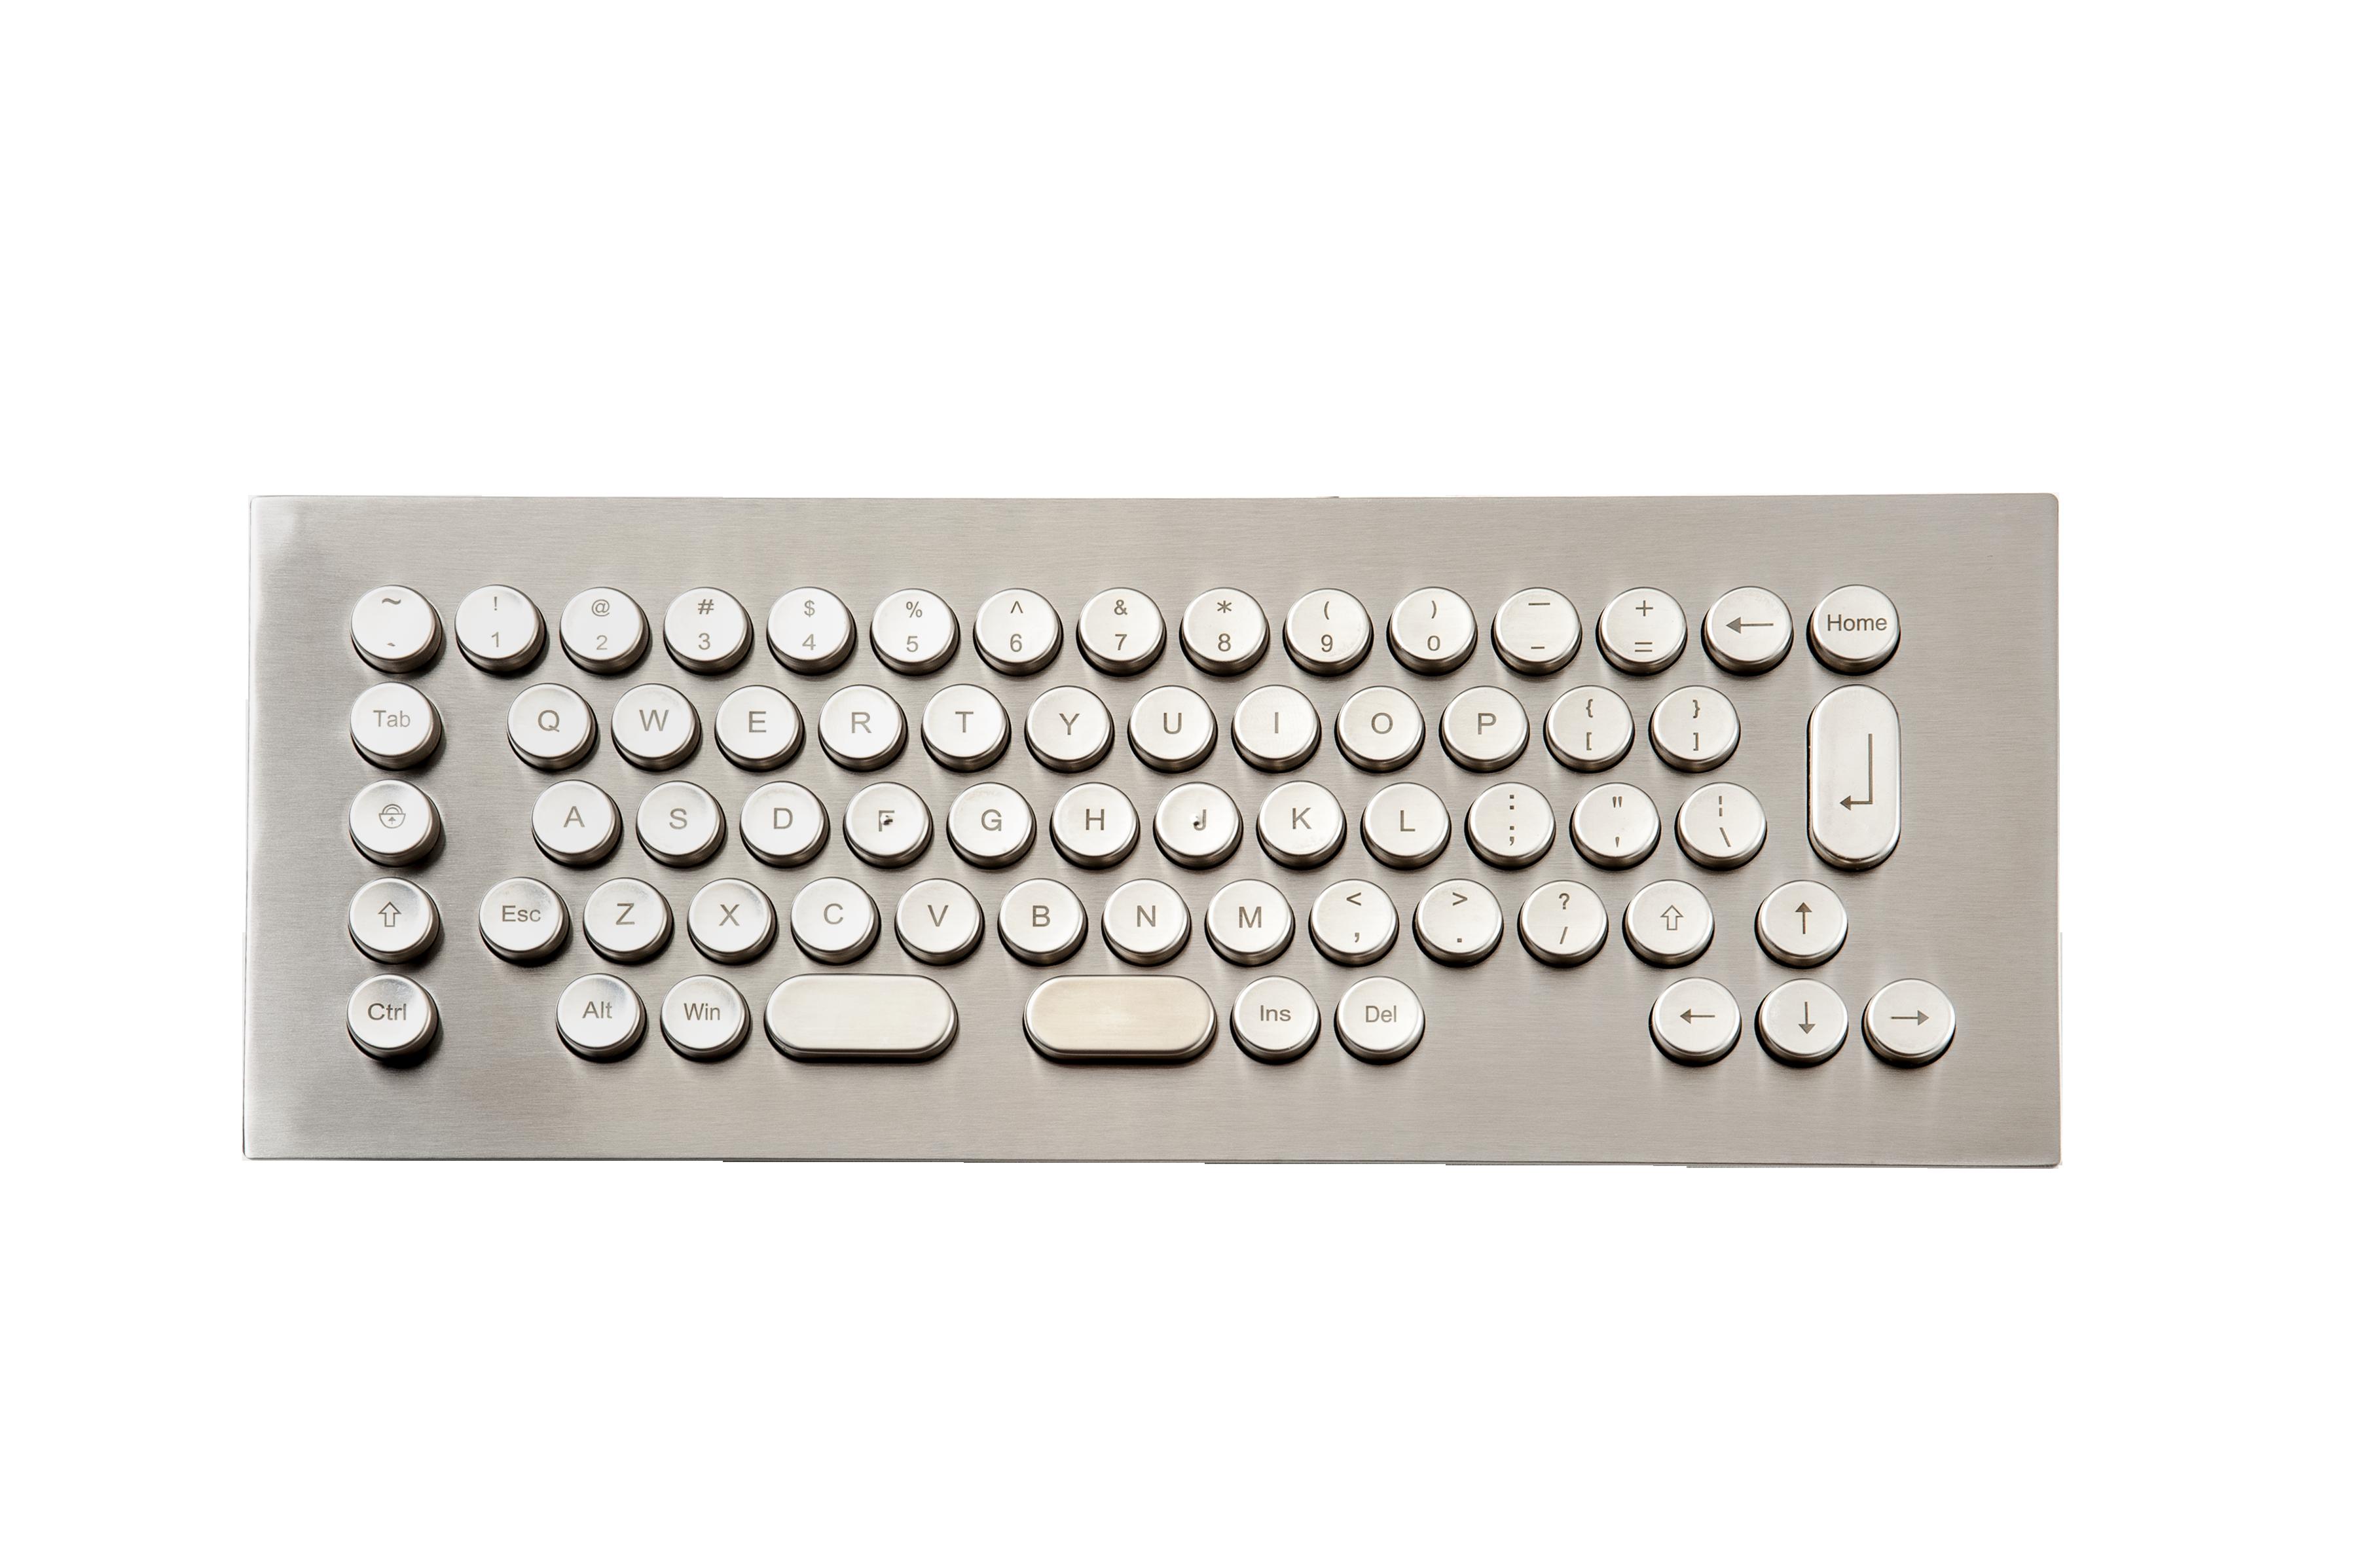 MK69 Series Keyboard Metal Kiosk | TG3 Electronics